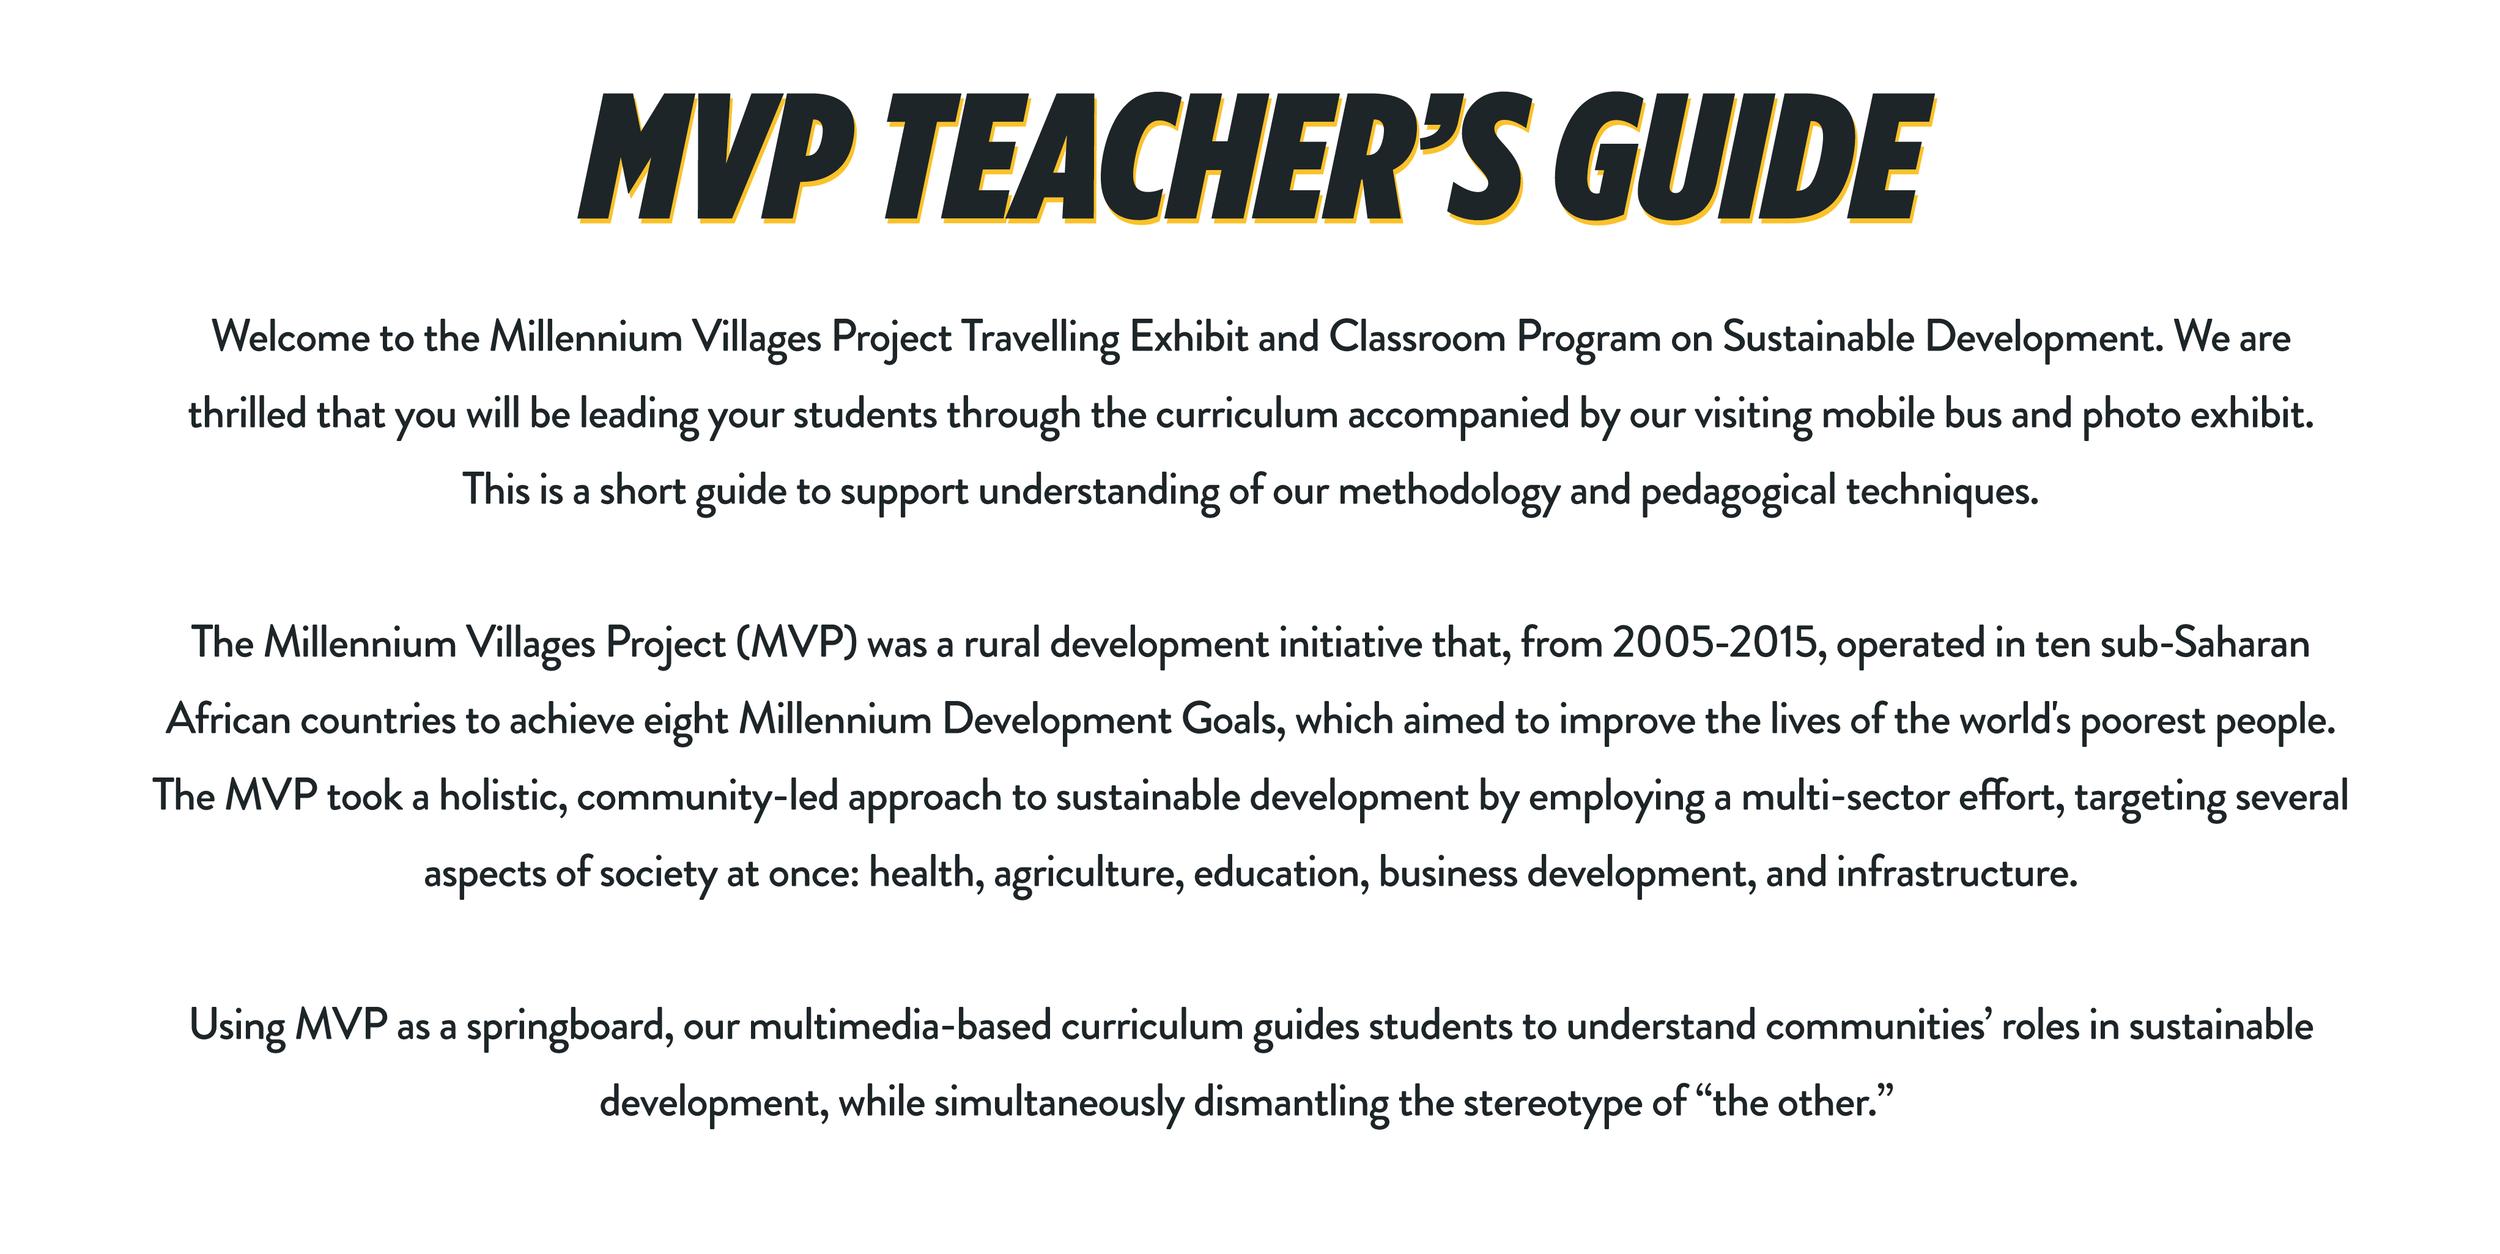 MVP-Teacher's-Guide-Intro-Banner-sept2019.png